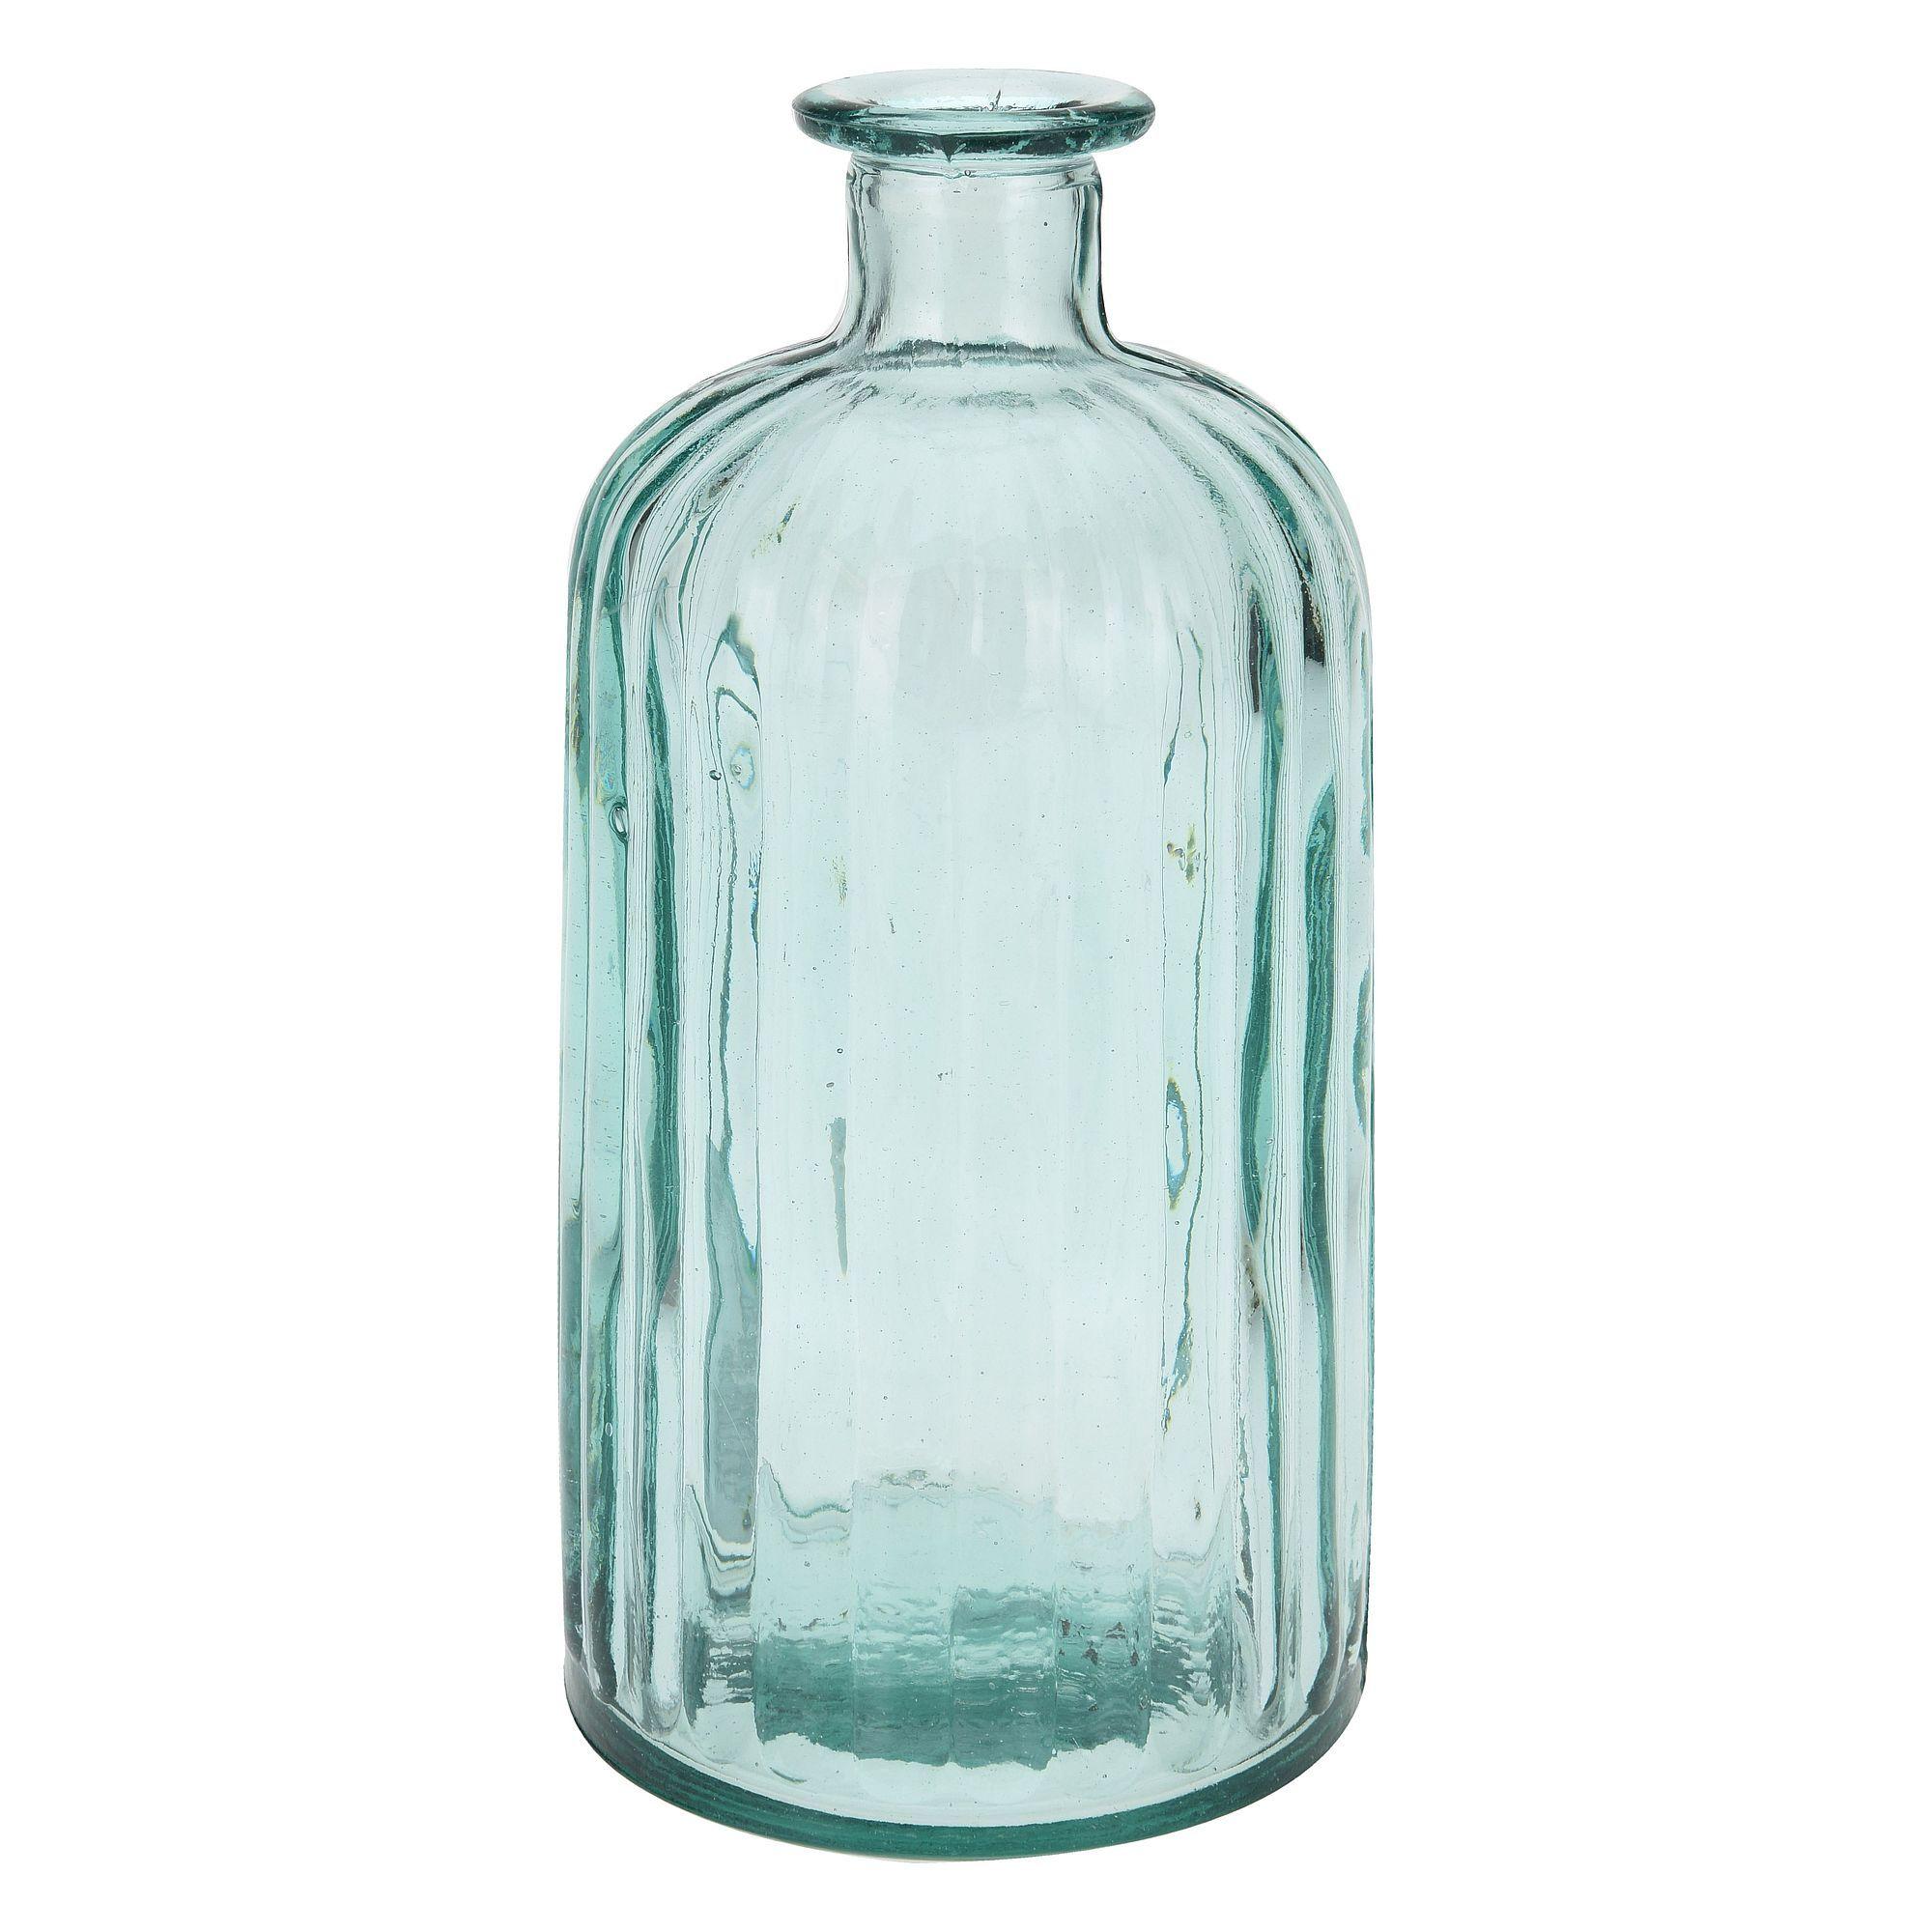 ВазаК пользованию такой вазой придется привыкать. Ее конструкция имеет узкое горлышко, для цветов это не существенно, тогда как наполнить емкость декоративными элементами будет весьма проблематично. Качественная ваза h21 см Бутылка «стекло» бренда Экселент Хаусвейр сделана полностью прозрачной, все содержимое в ней будет просматриваться. Стенки изделия в меру толстые, выглядят крепкими и надежными.В качестве предмета интерьера эта модель подойдет, хоть и сделана в несколько непривычном для ваз стиле. Ее можно приобрести для подарка или для пополнения коллекции. В любом случае она станет акцентом, интересным и эффектным объектом в оформлении помещения. С небольшой высотой ваза будет уместно смотреться на мебели.<br>